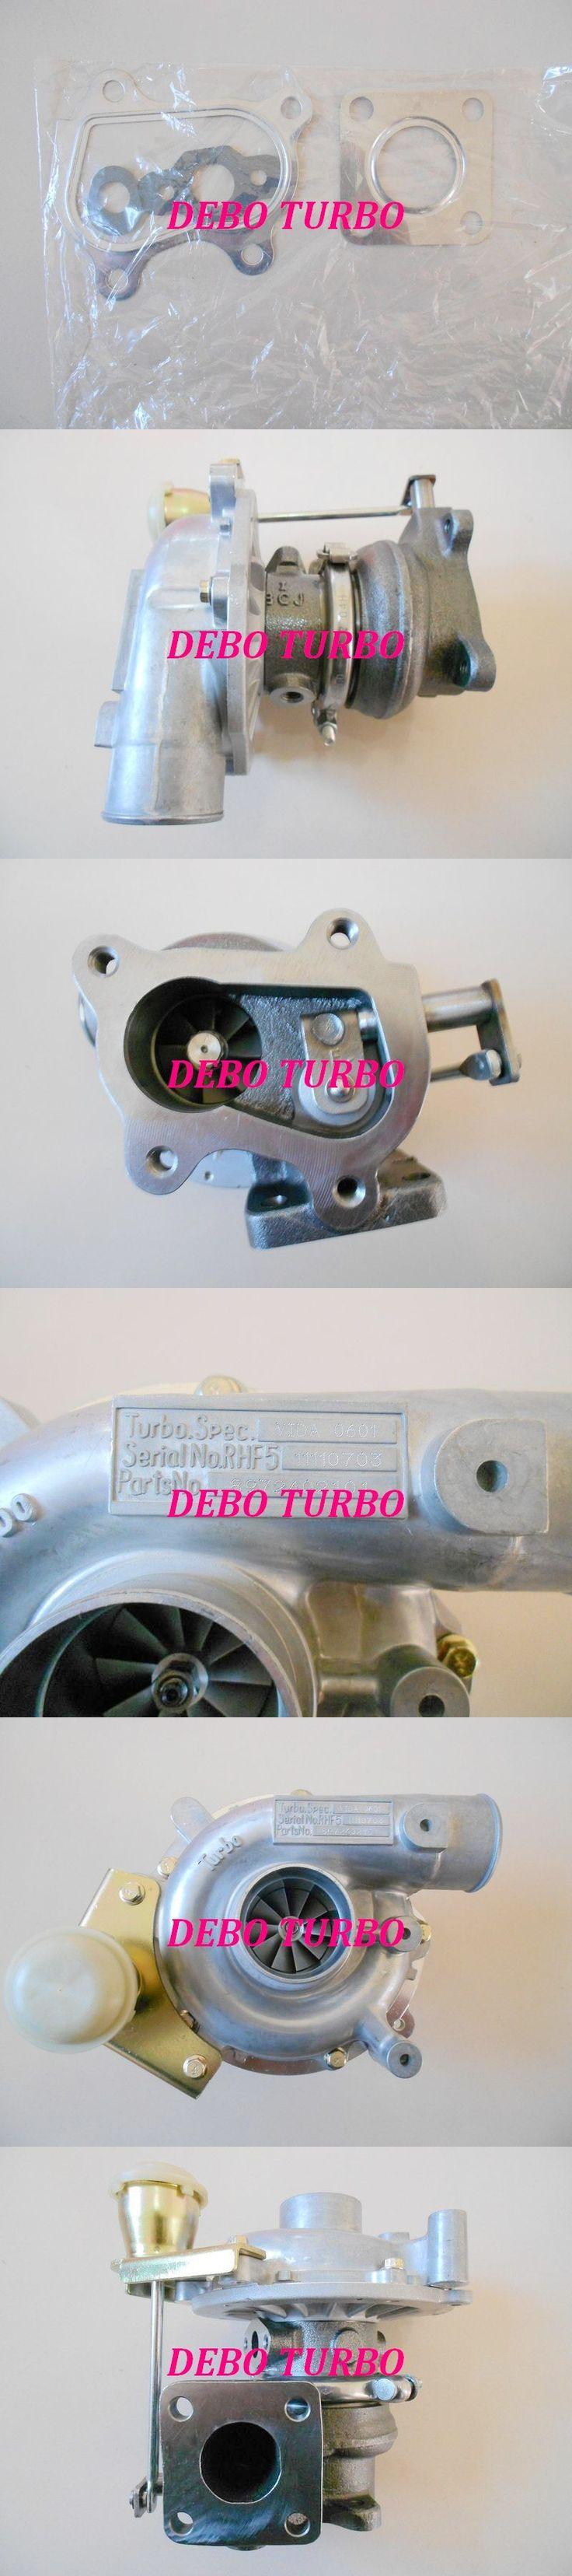 NEW RHF5/VIDA 8972402101 8973295881 Turbo Turbocharger for ISUZU D-MAX Rodeo Pick-up 4JA1T 2.5L